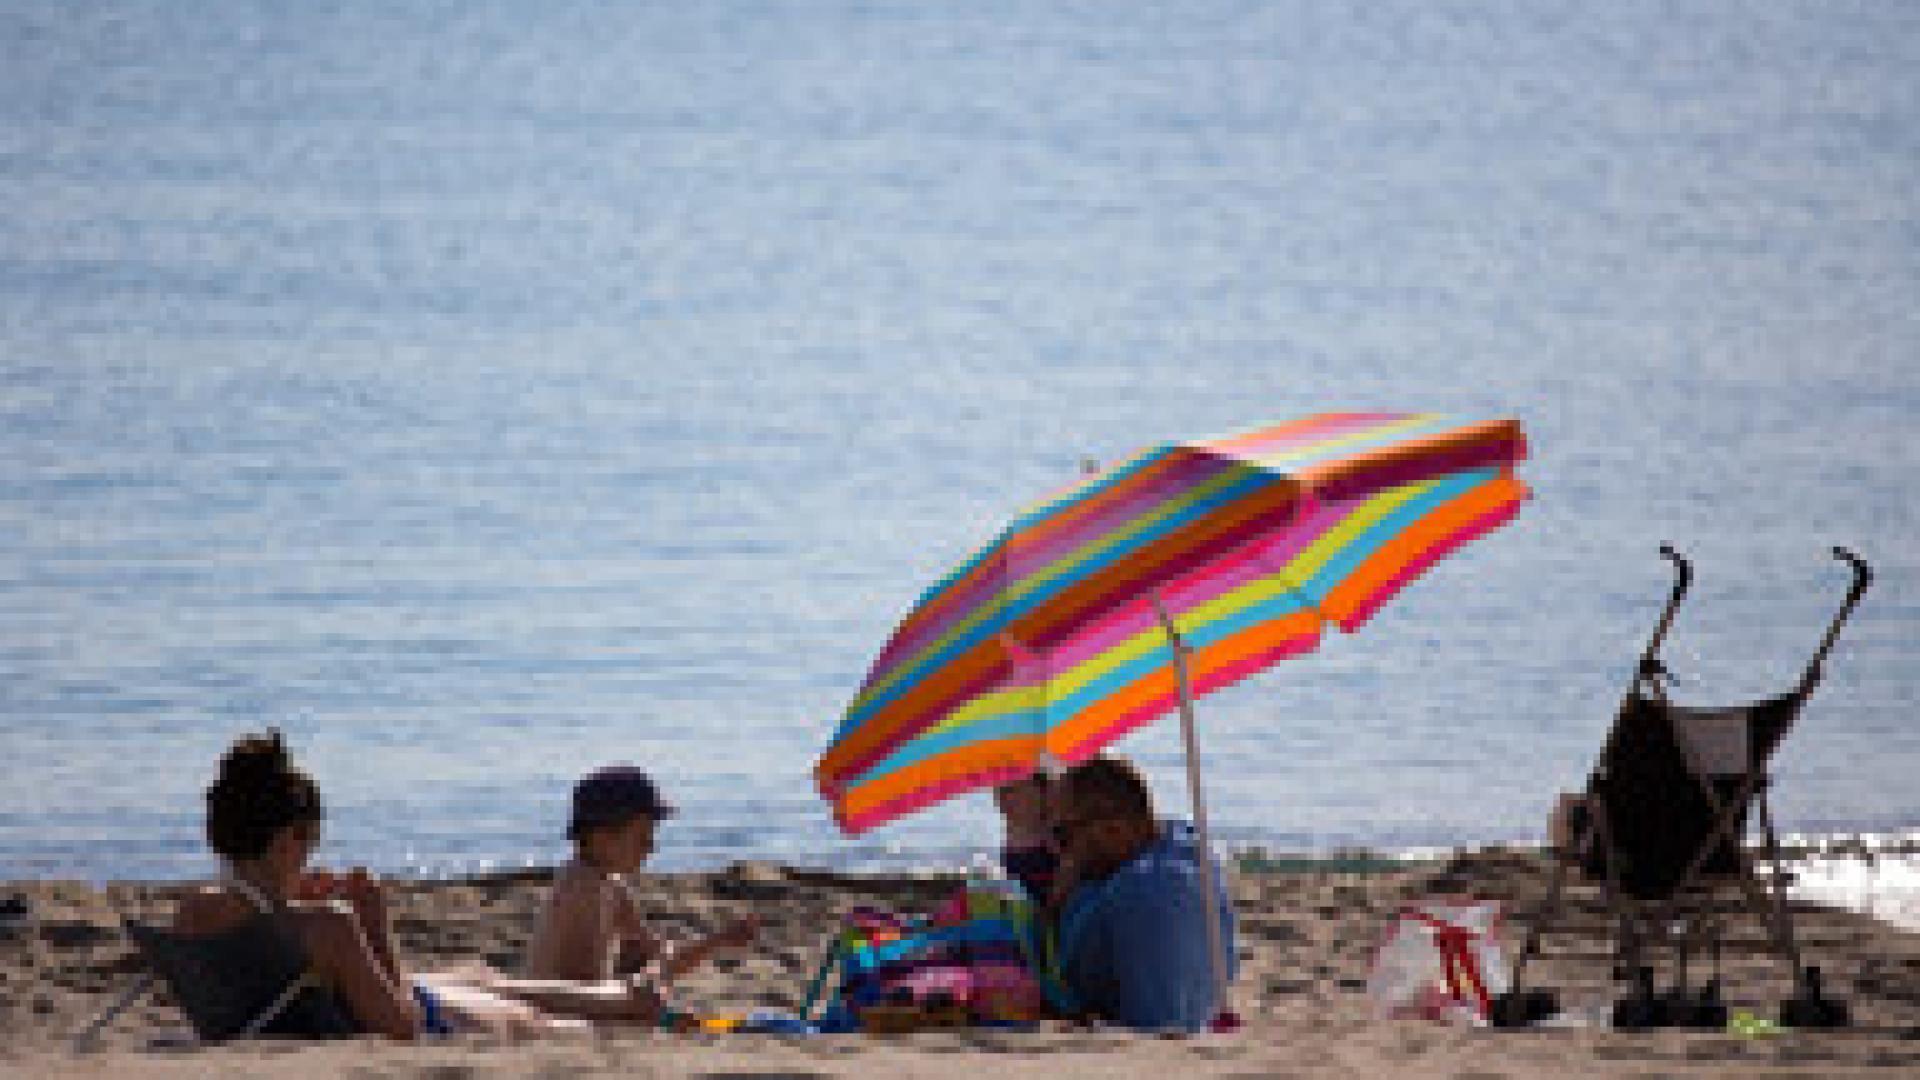 Plage office de tourisme loisirs et activit s office de - Chatelaillon plage office de tourisme ...